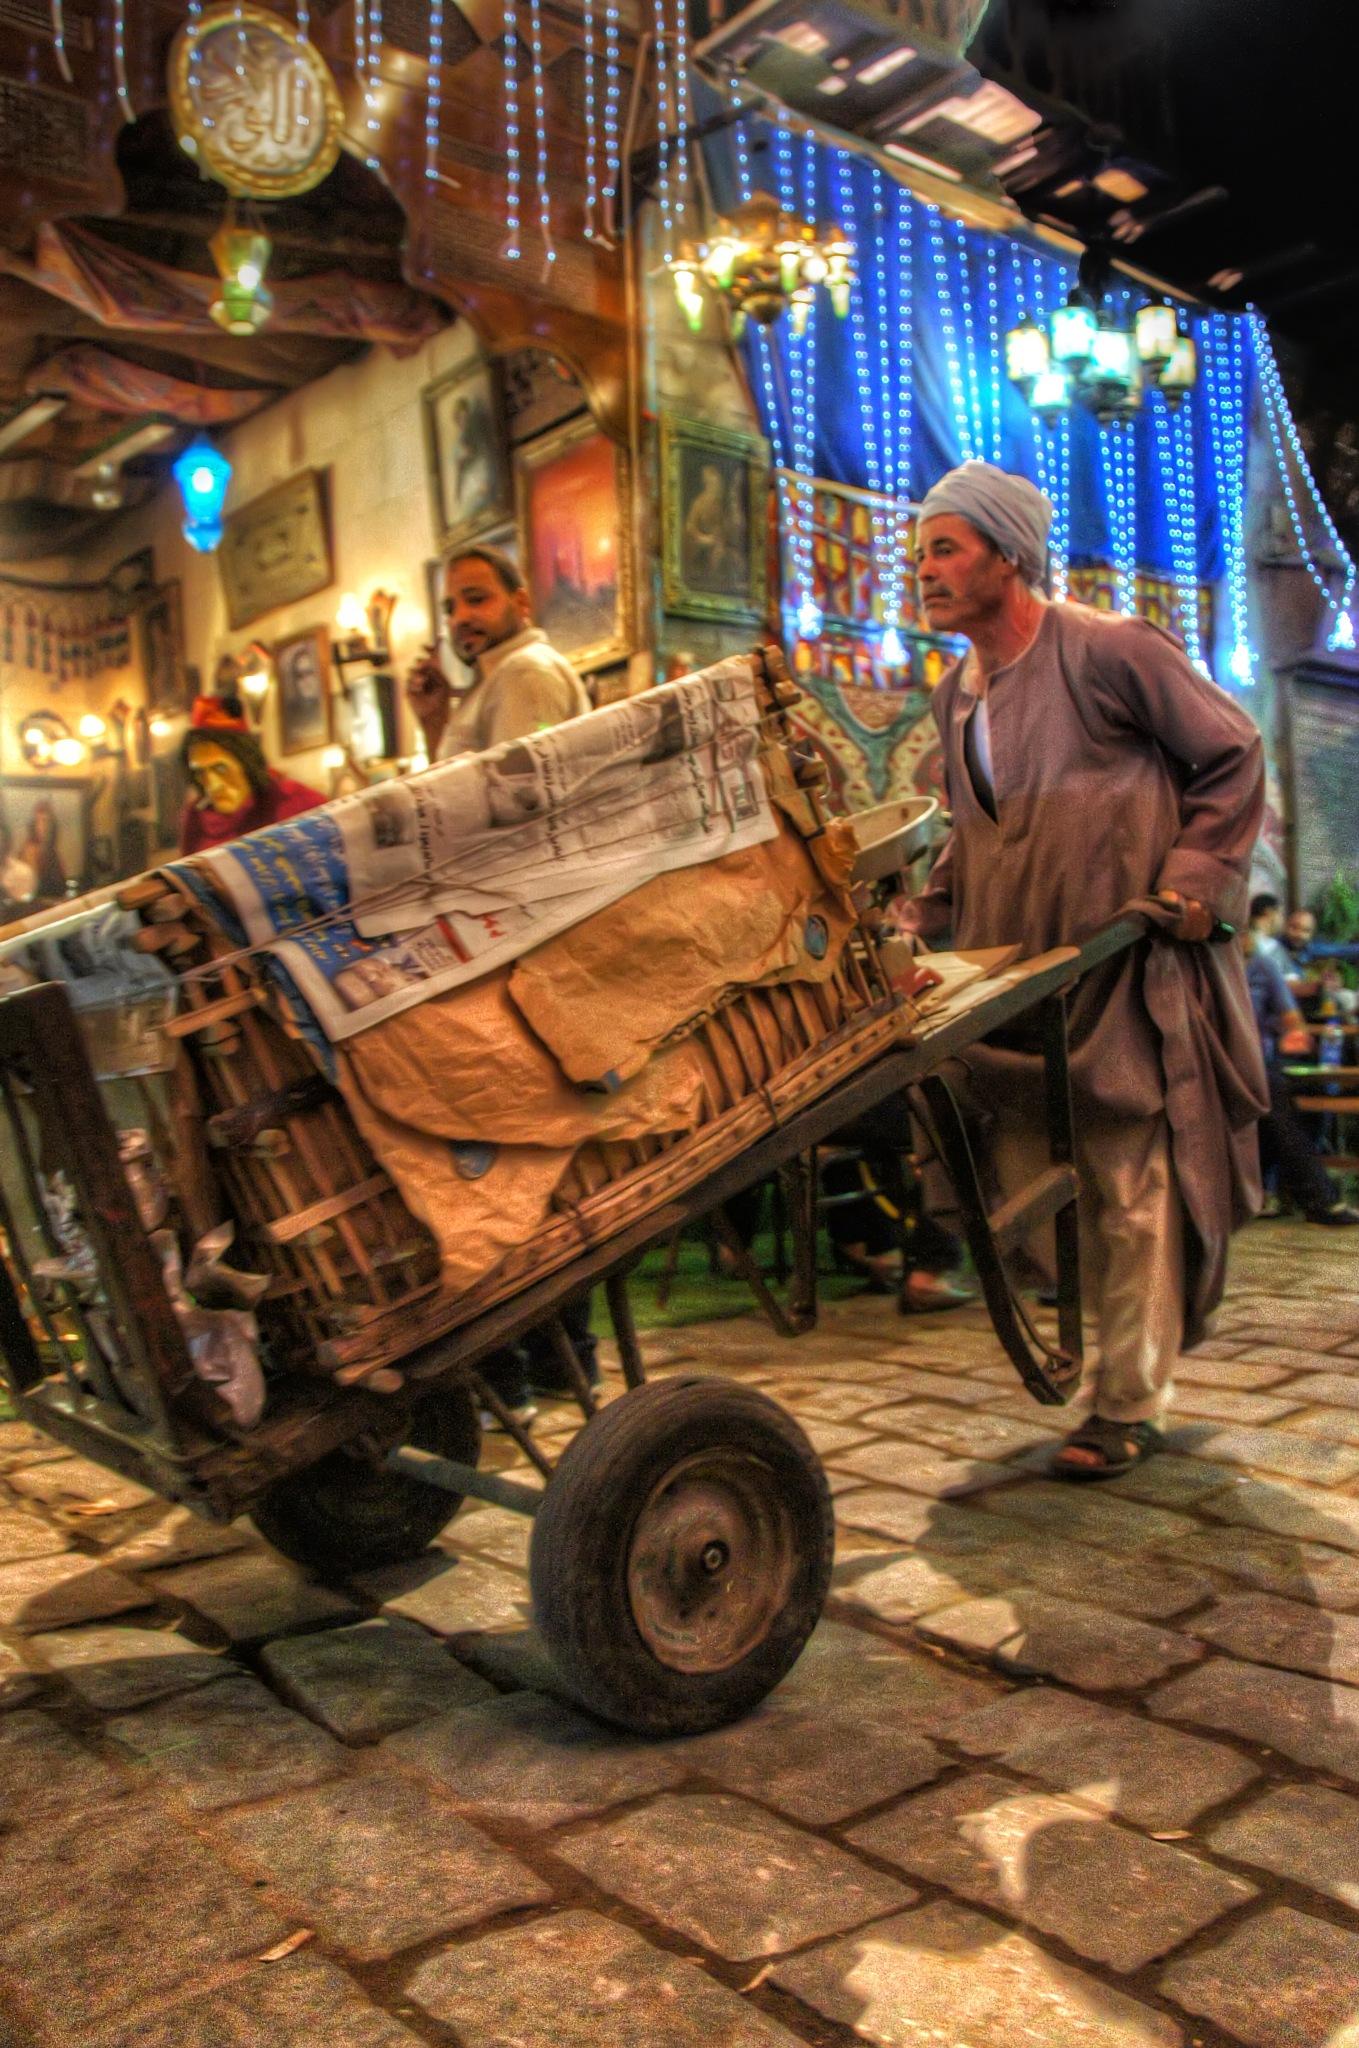 Street Grocer by Tawfik W Dajani